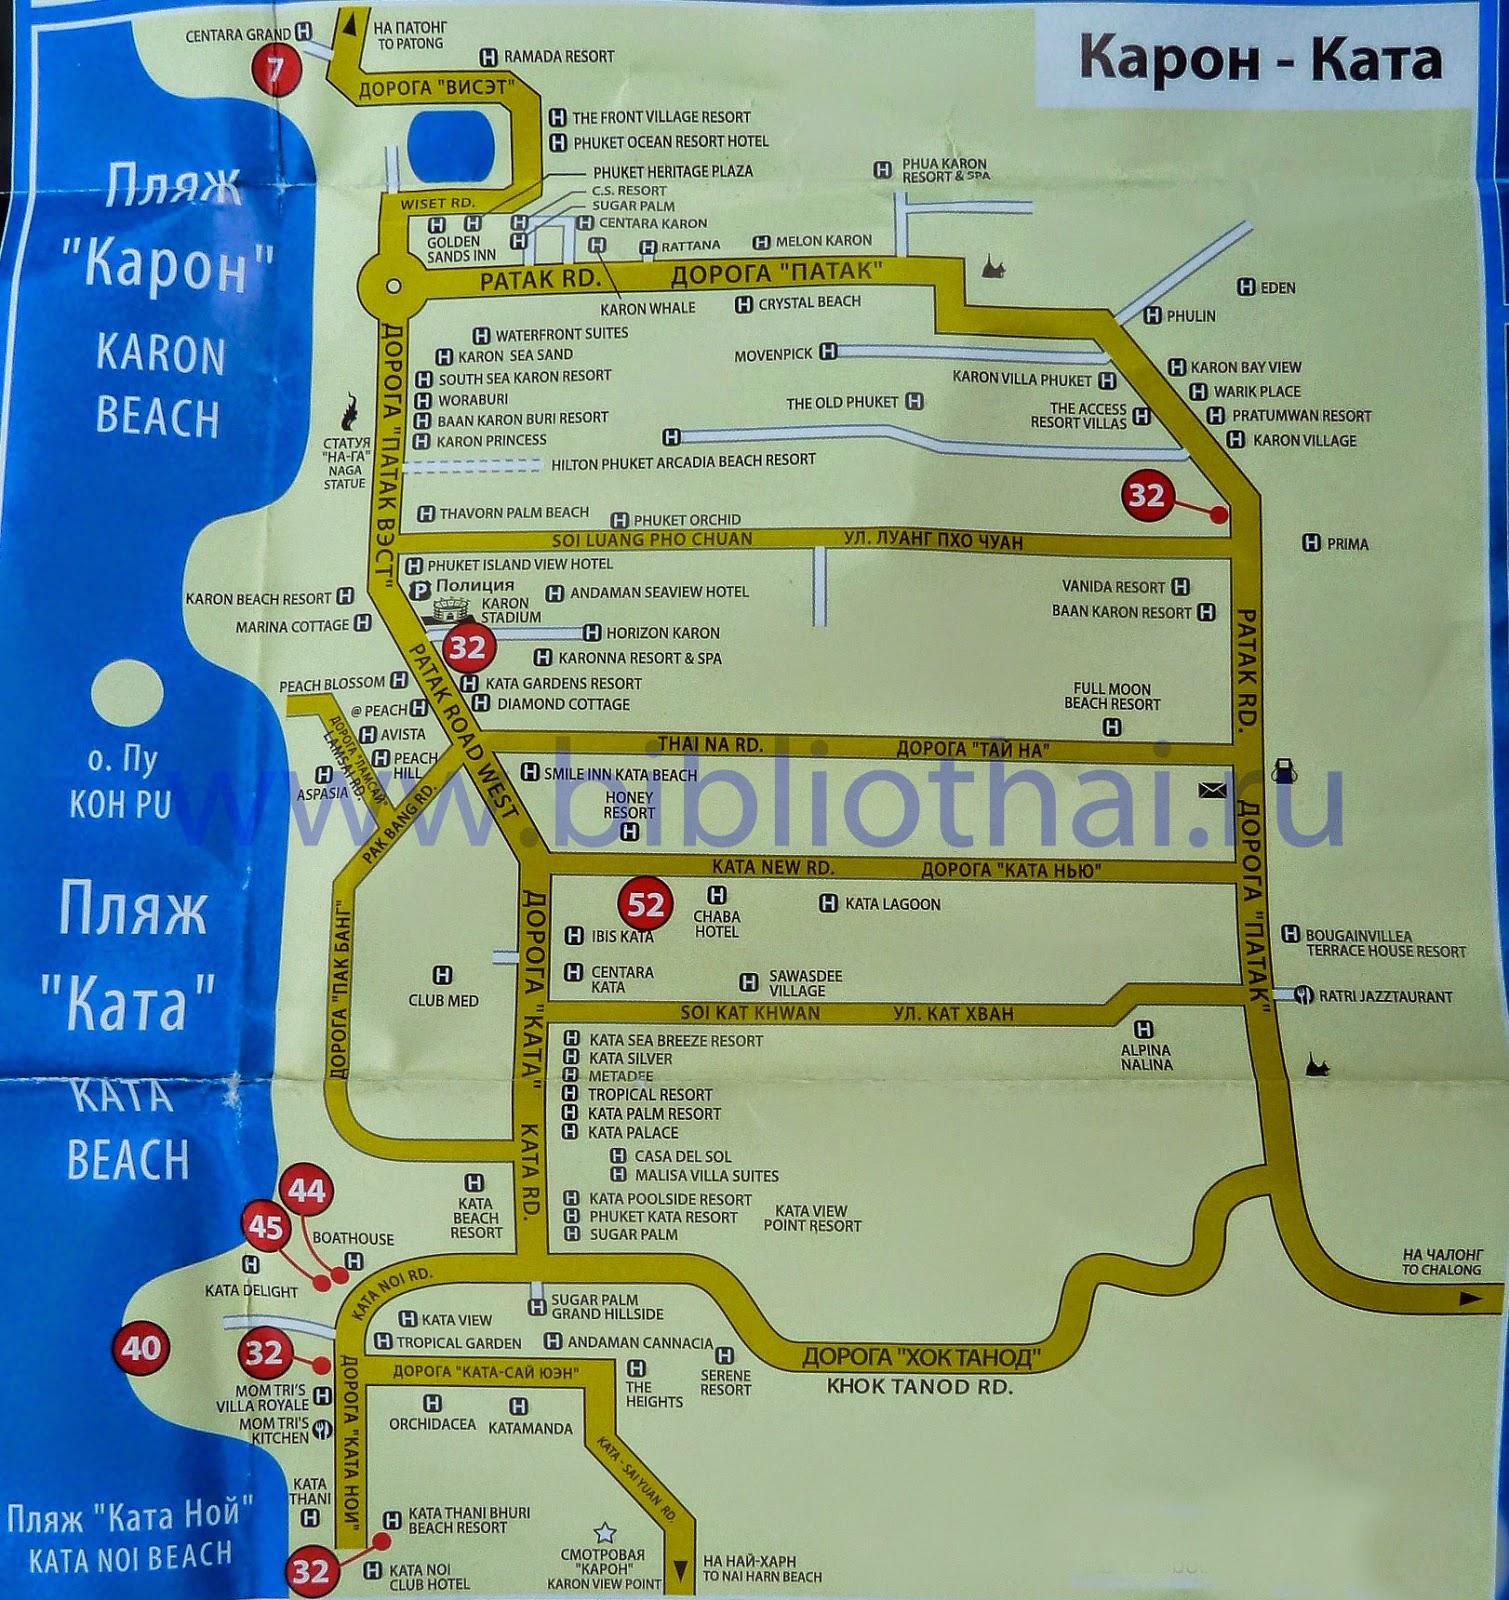 Карта Карона, Каты и Каты Ной на русском языке